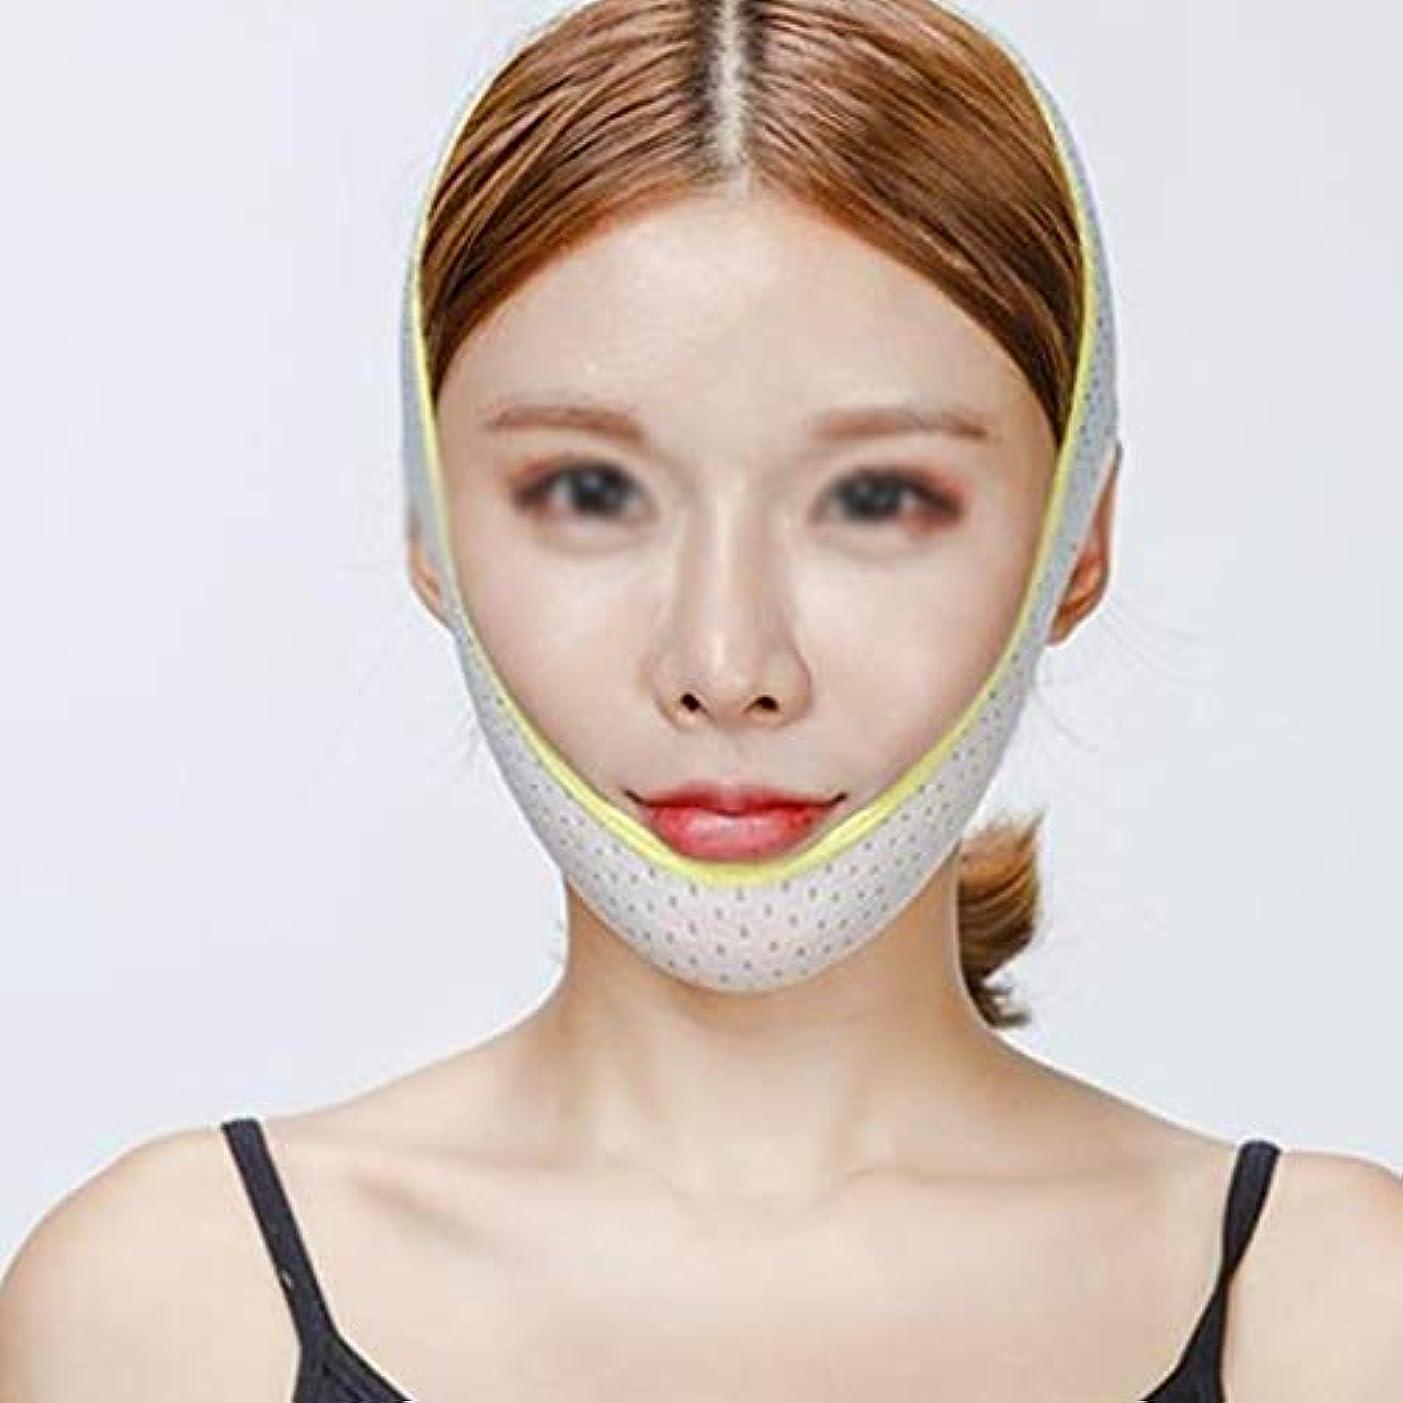 マスタード投票コショウZWBD フェイスマスク, Vフェイスアーティファクトフェイスリフトステッカー本物のフェイスリフト韓国フェイスフェイシャルリフティングファーミングインストゥルメントフェイシャルリフティング睡眠包帯